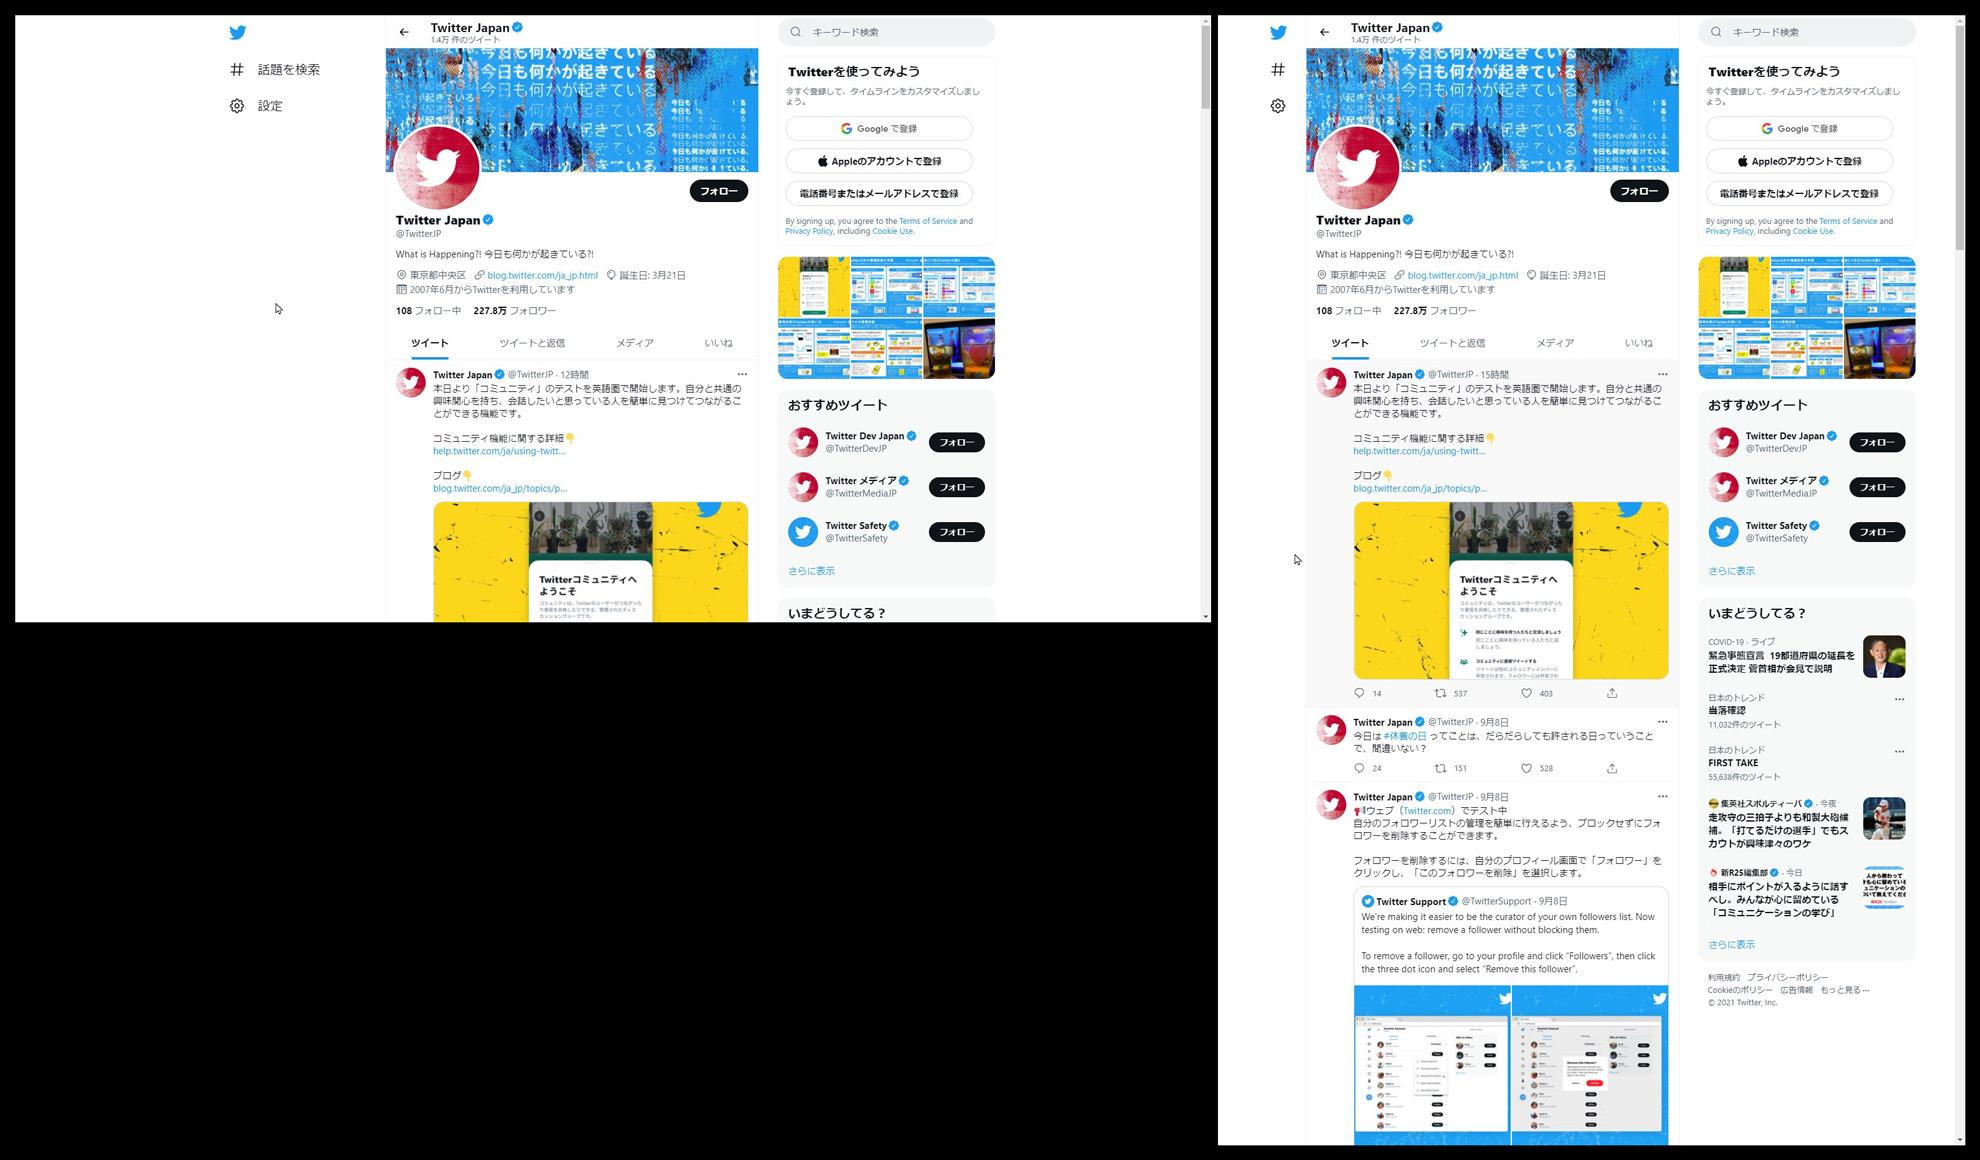 縦向きと横向き画面のTwitter見え方比較